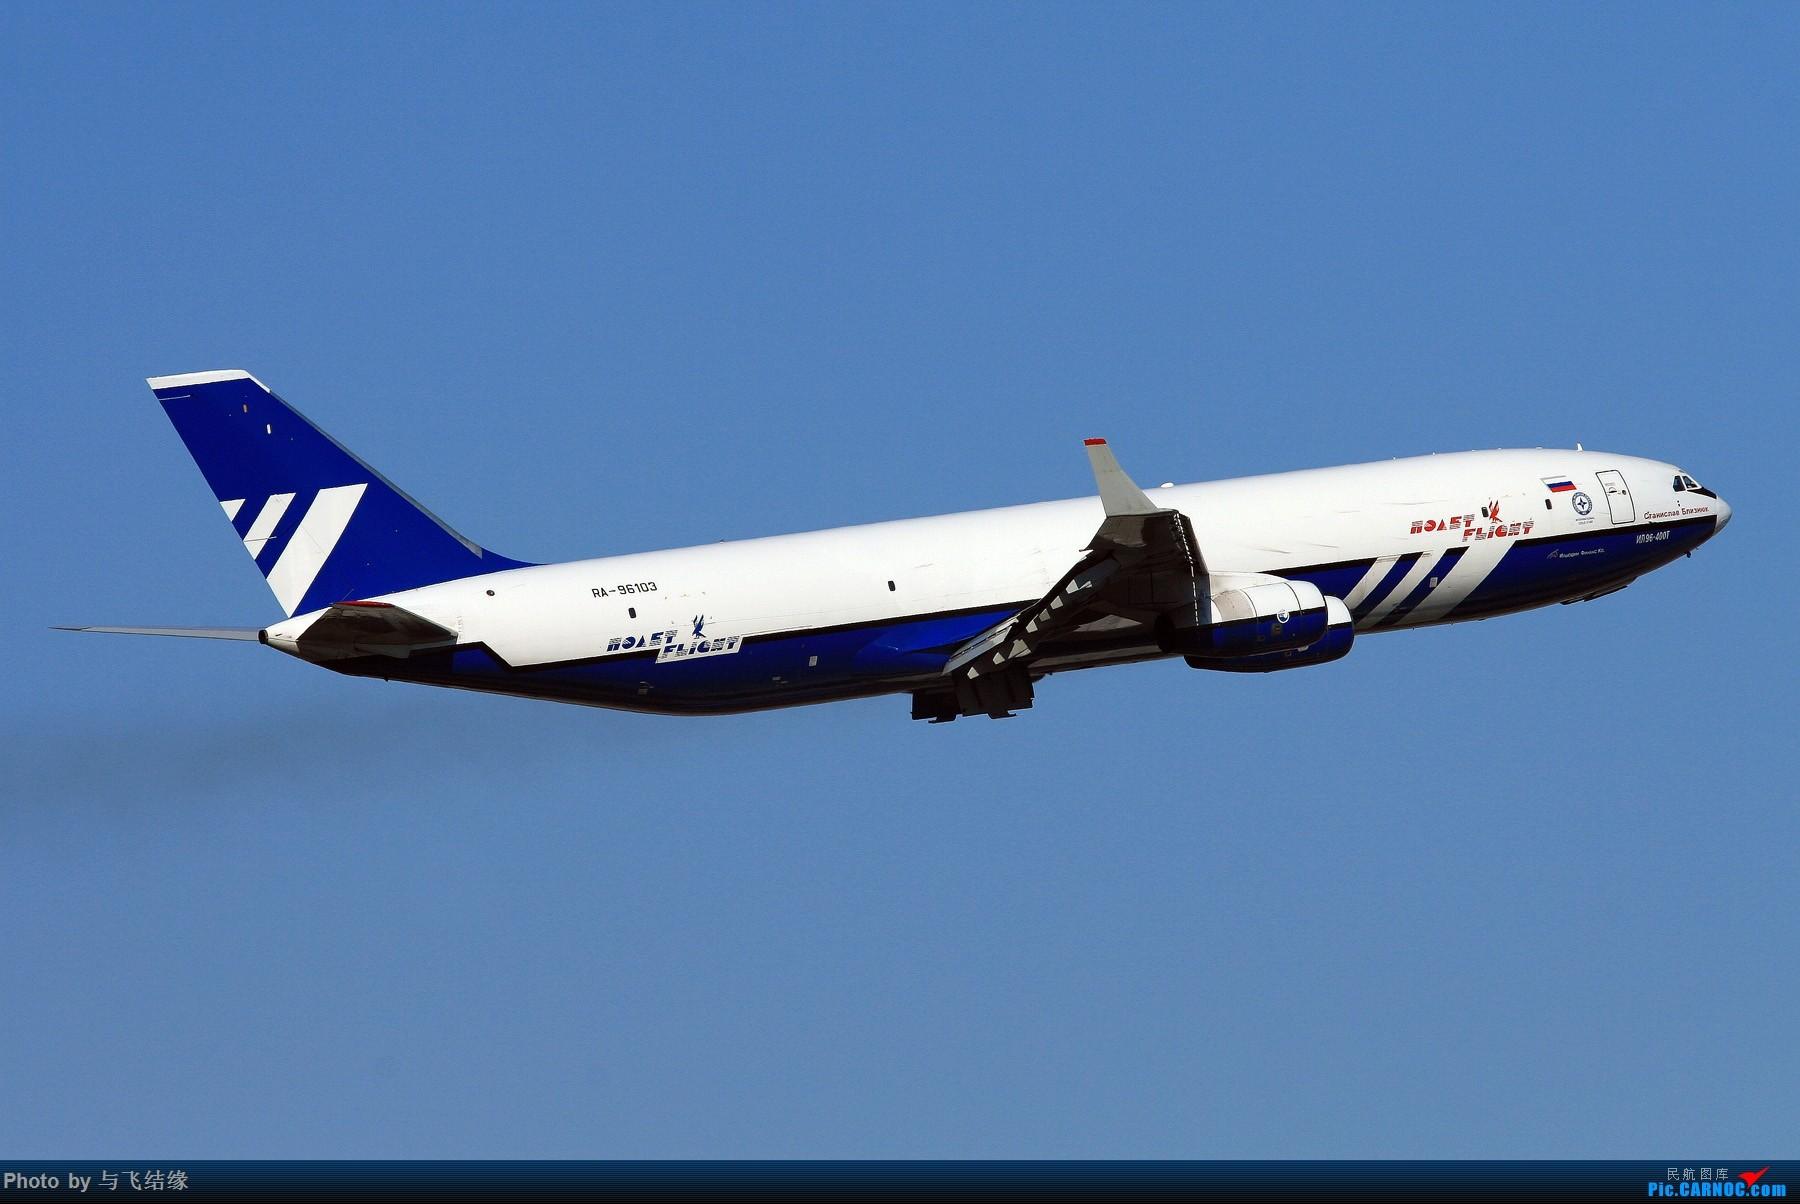 Re:[原创]新瓶装旧酒老图新发之昂首奋飞! ILYUSHIN IL-96-400T RA-96103 中国北京首都国际机场